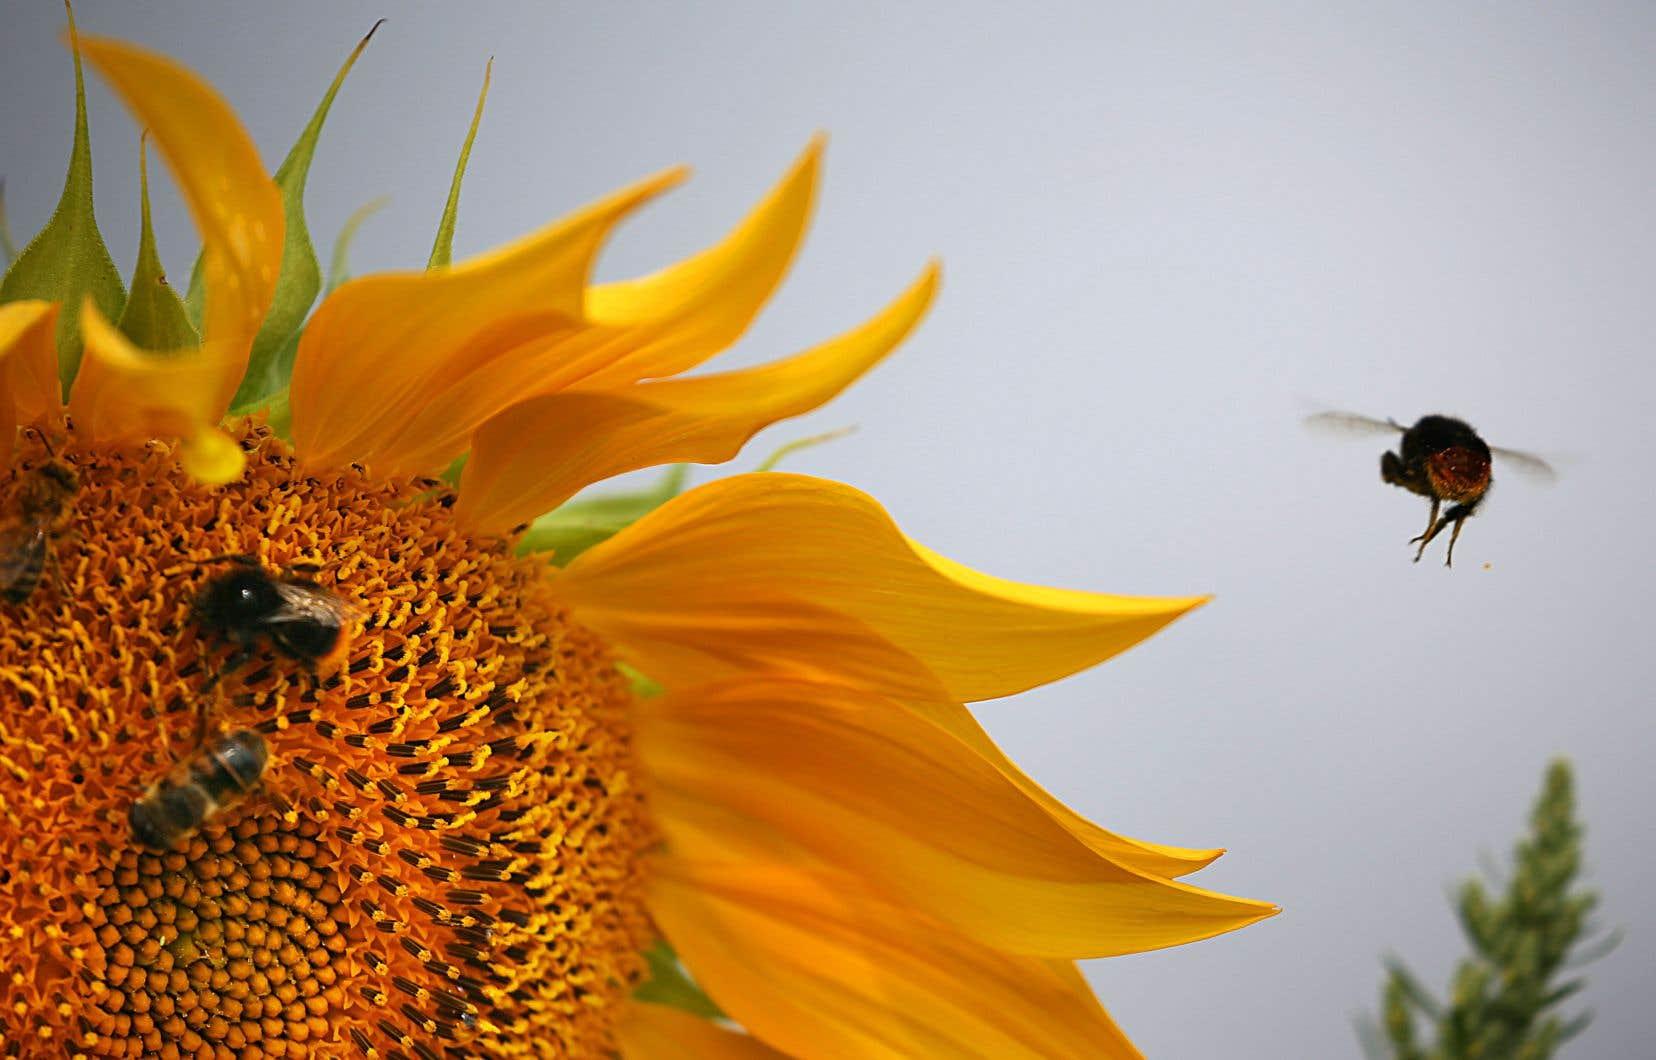 L'évaluation couvre non seulement les abeilles à miel, mais aussi les abeilles sauvages (bourdons, abeilles solitaires, etc.).